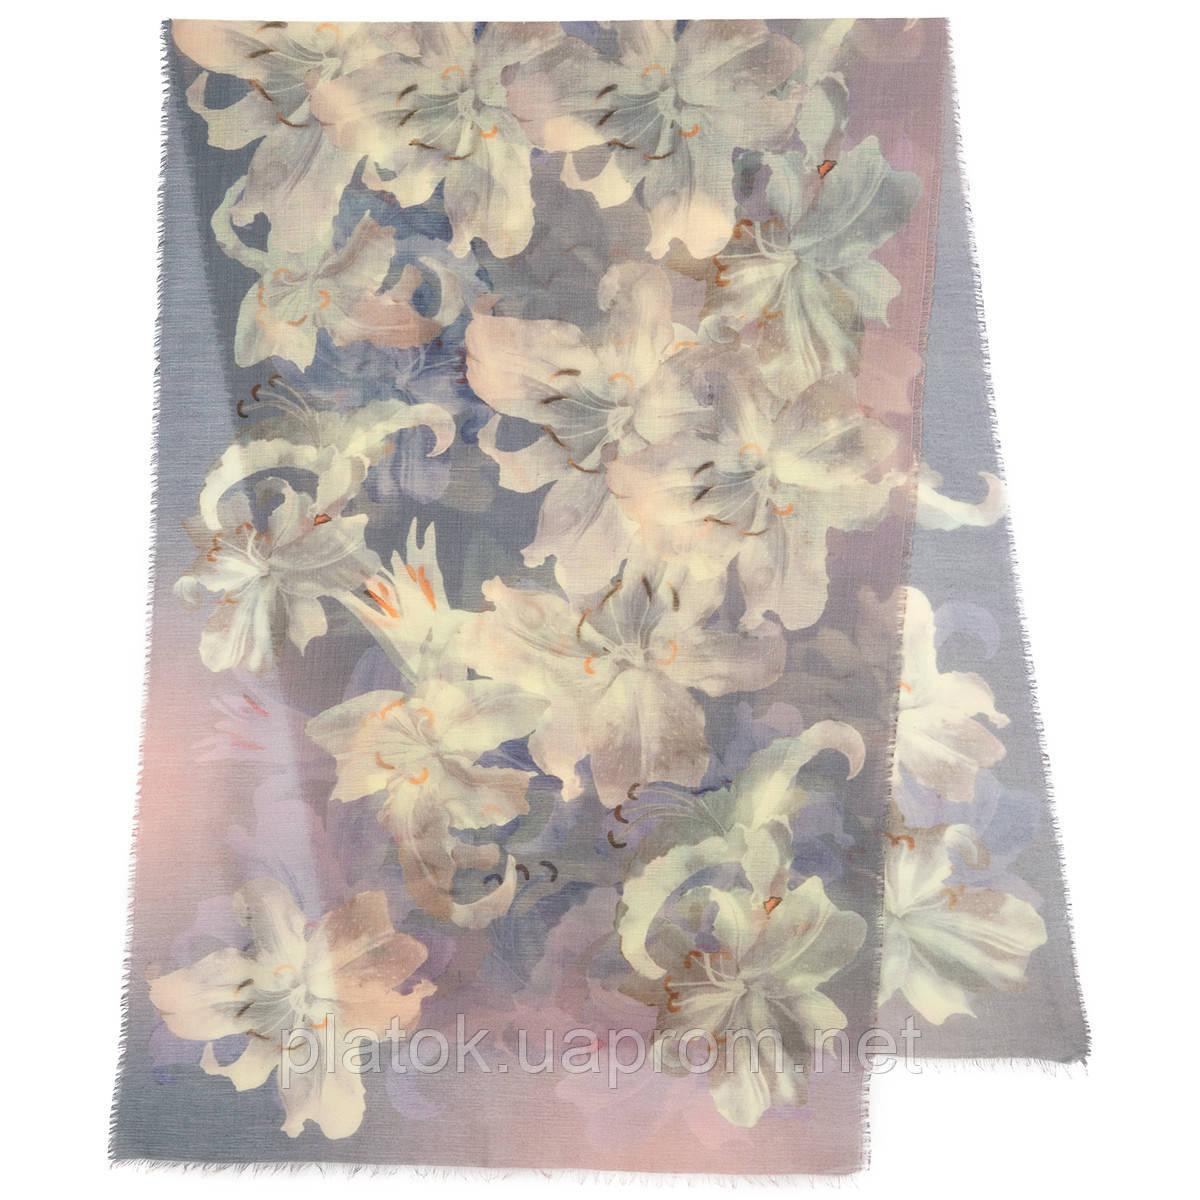 Палантин шерстяной 10536-1, павлопосадский шарф-палантин шерстяной (разреженная шерсть) с осыпкой